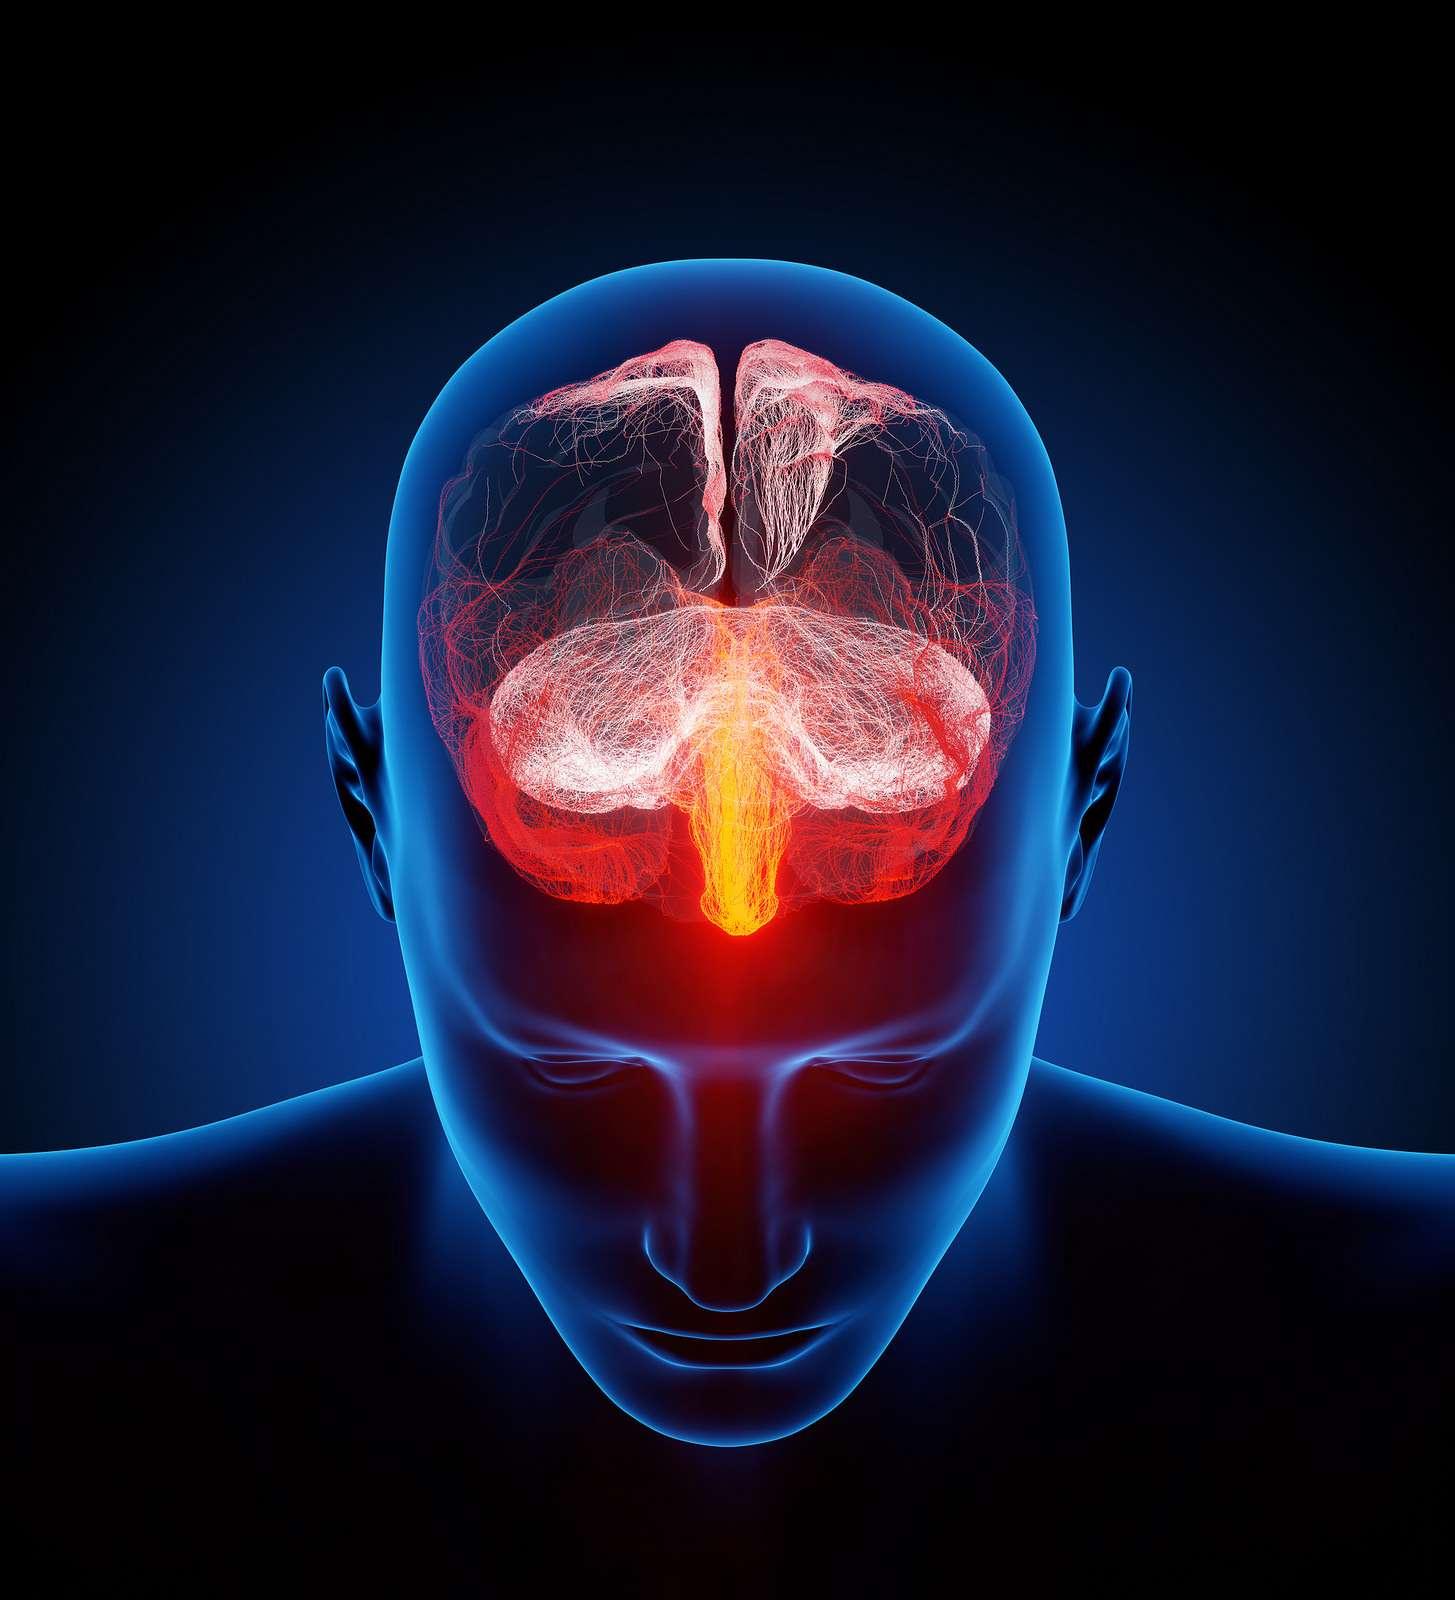 Les maladies neurologiques peuvent toucher le système nerveux central (encéphale et moelle épinière). © Ars Electronica, Flickr, CC by-nc-nd 2.0